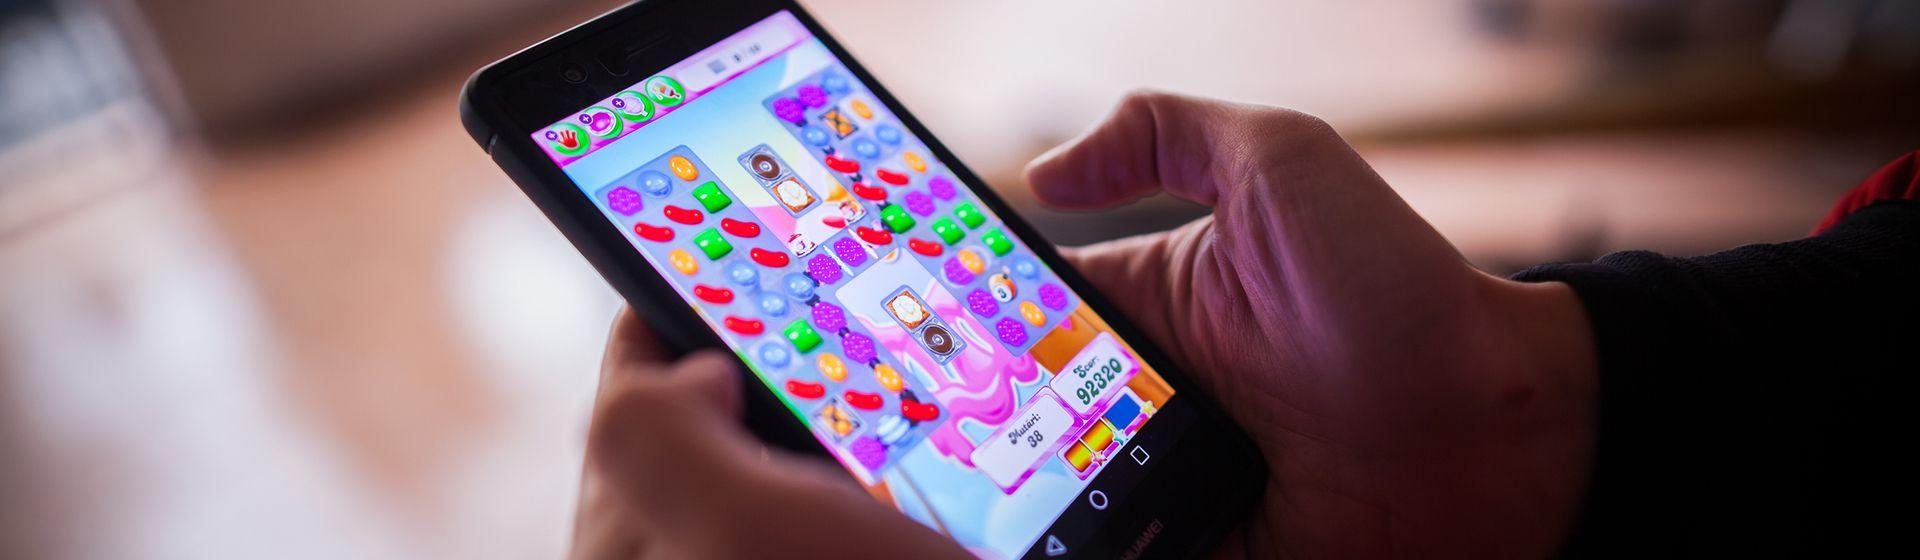 Candy Crush: tudo sobre o jogo para celular